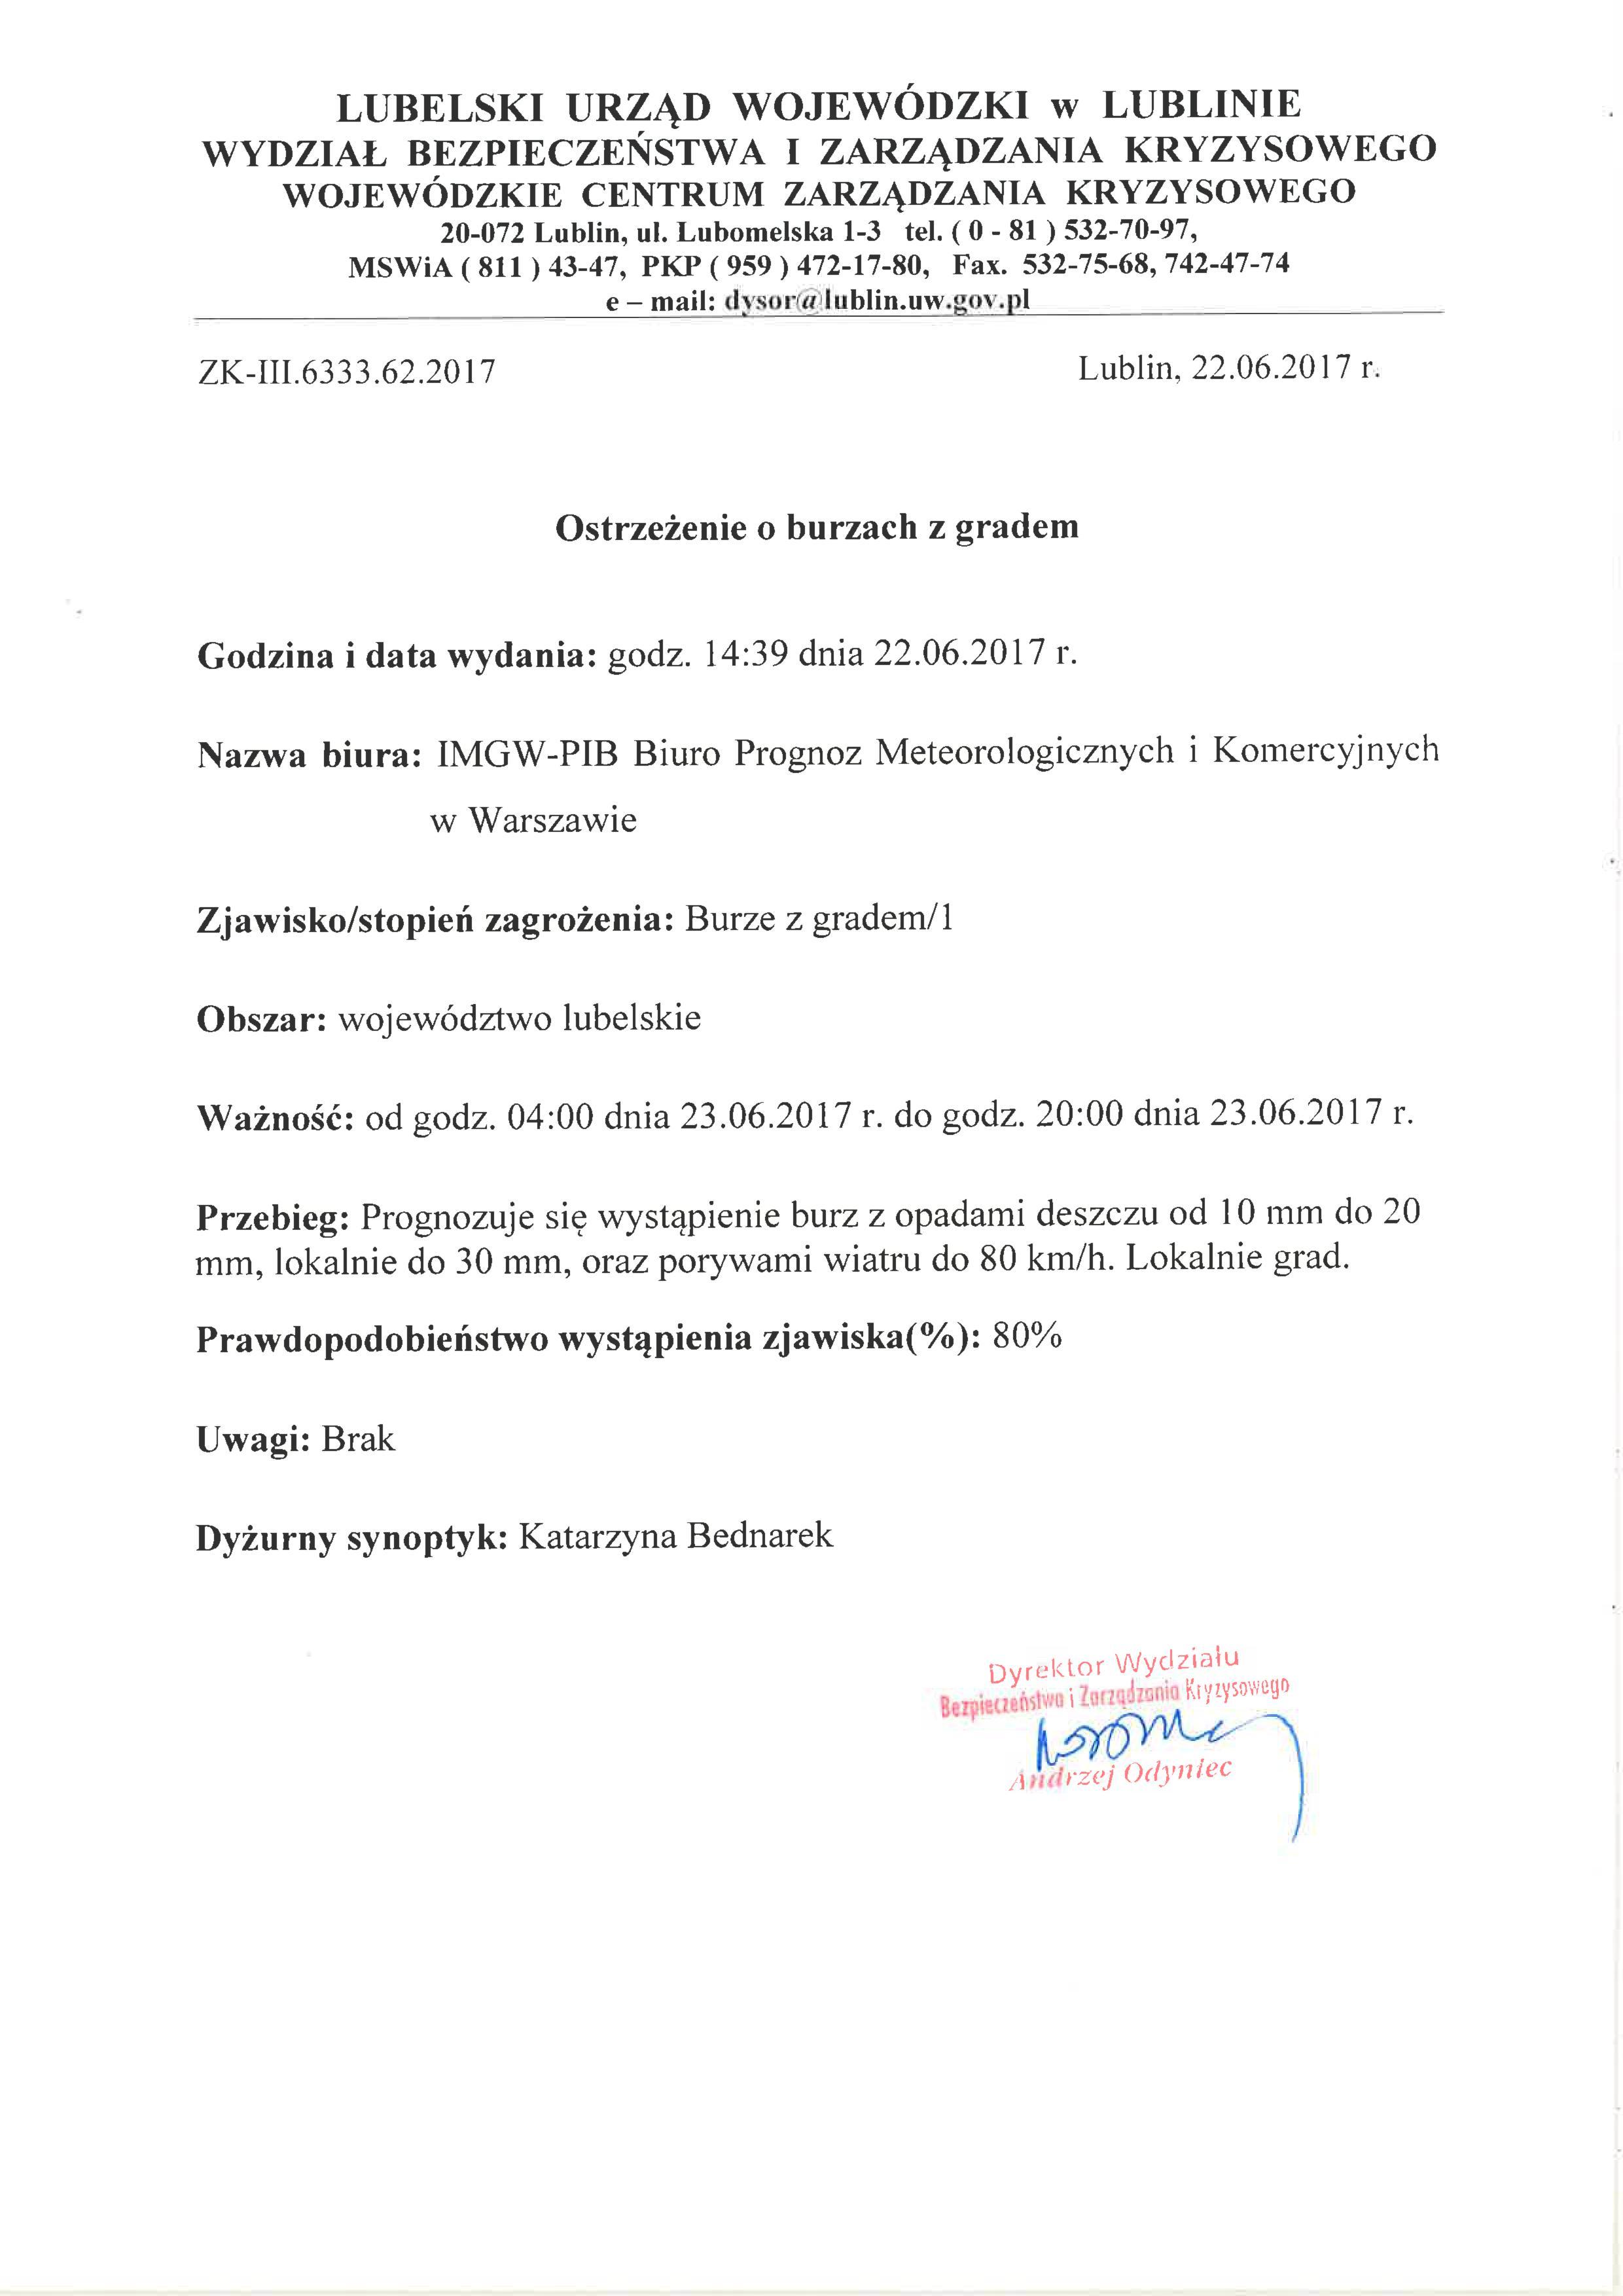 Ostrzeżenie o burzach z gradem z dn. 22.06.2017 r.